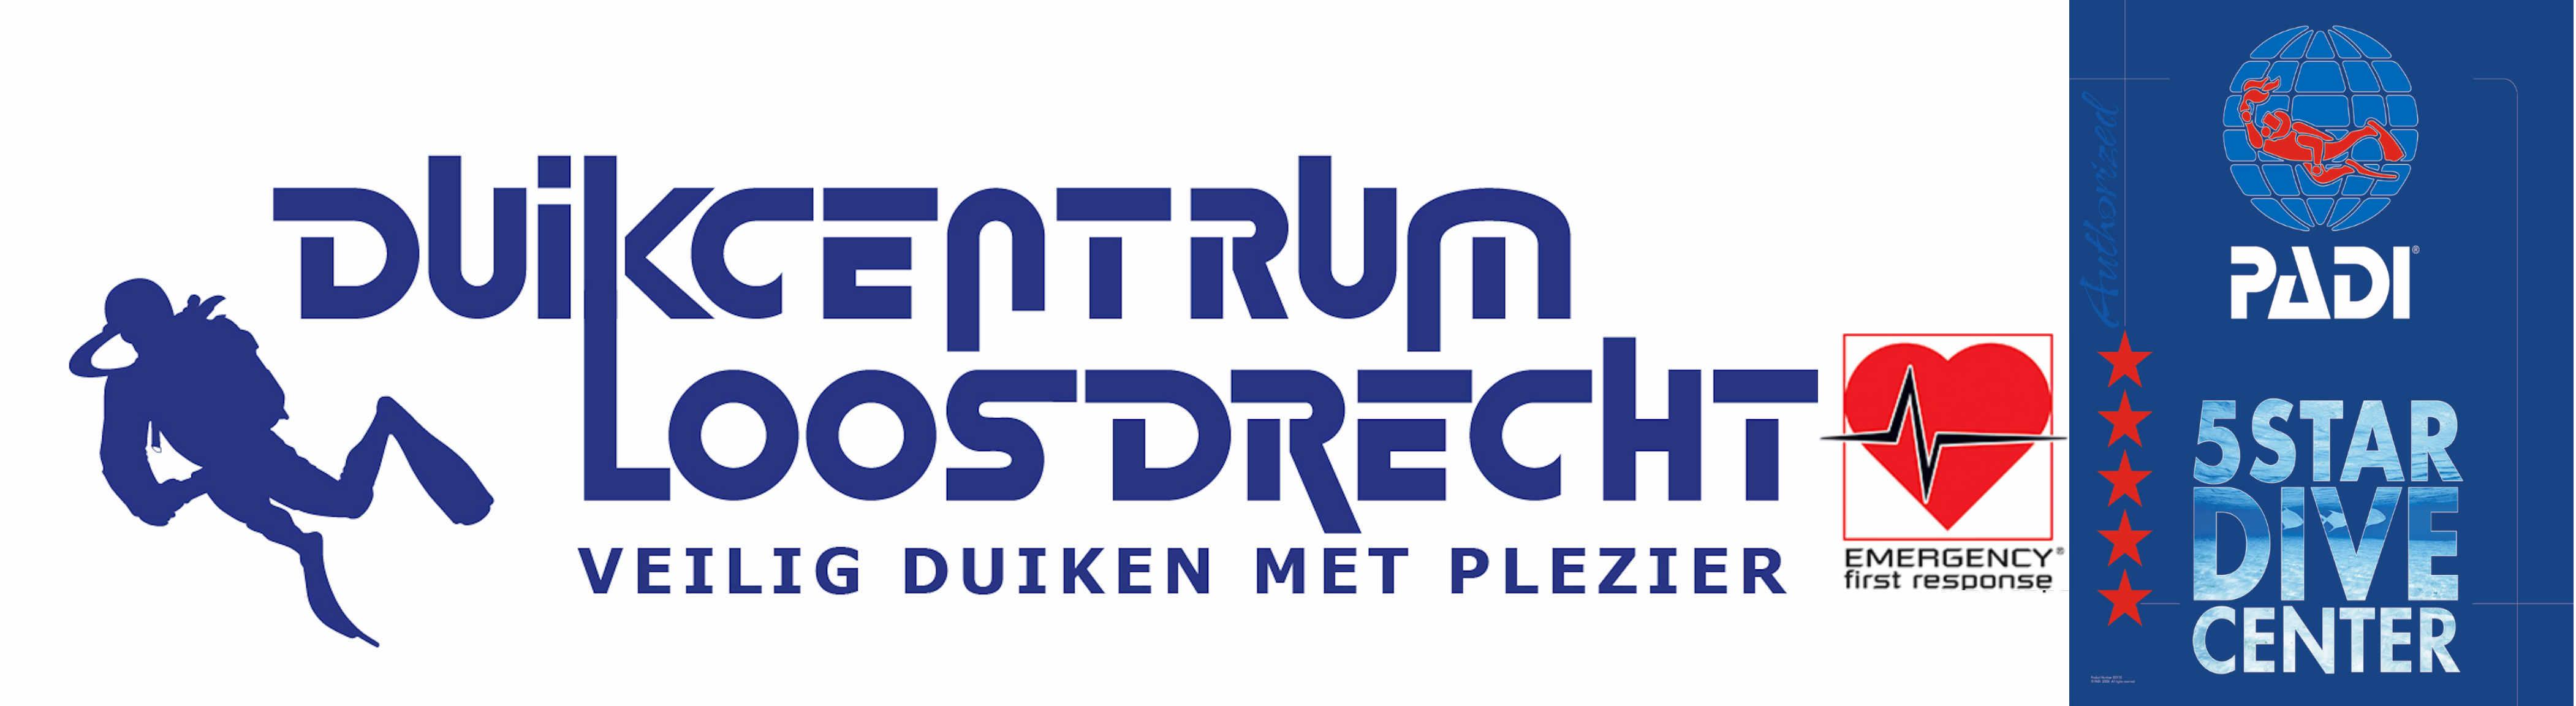 Duikcentrum Loosdrecht